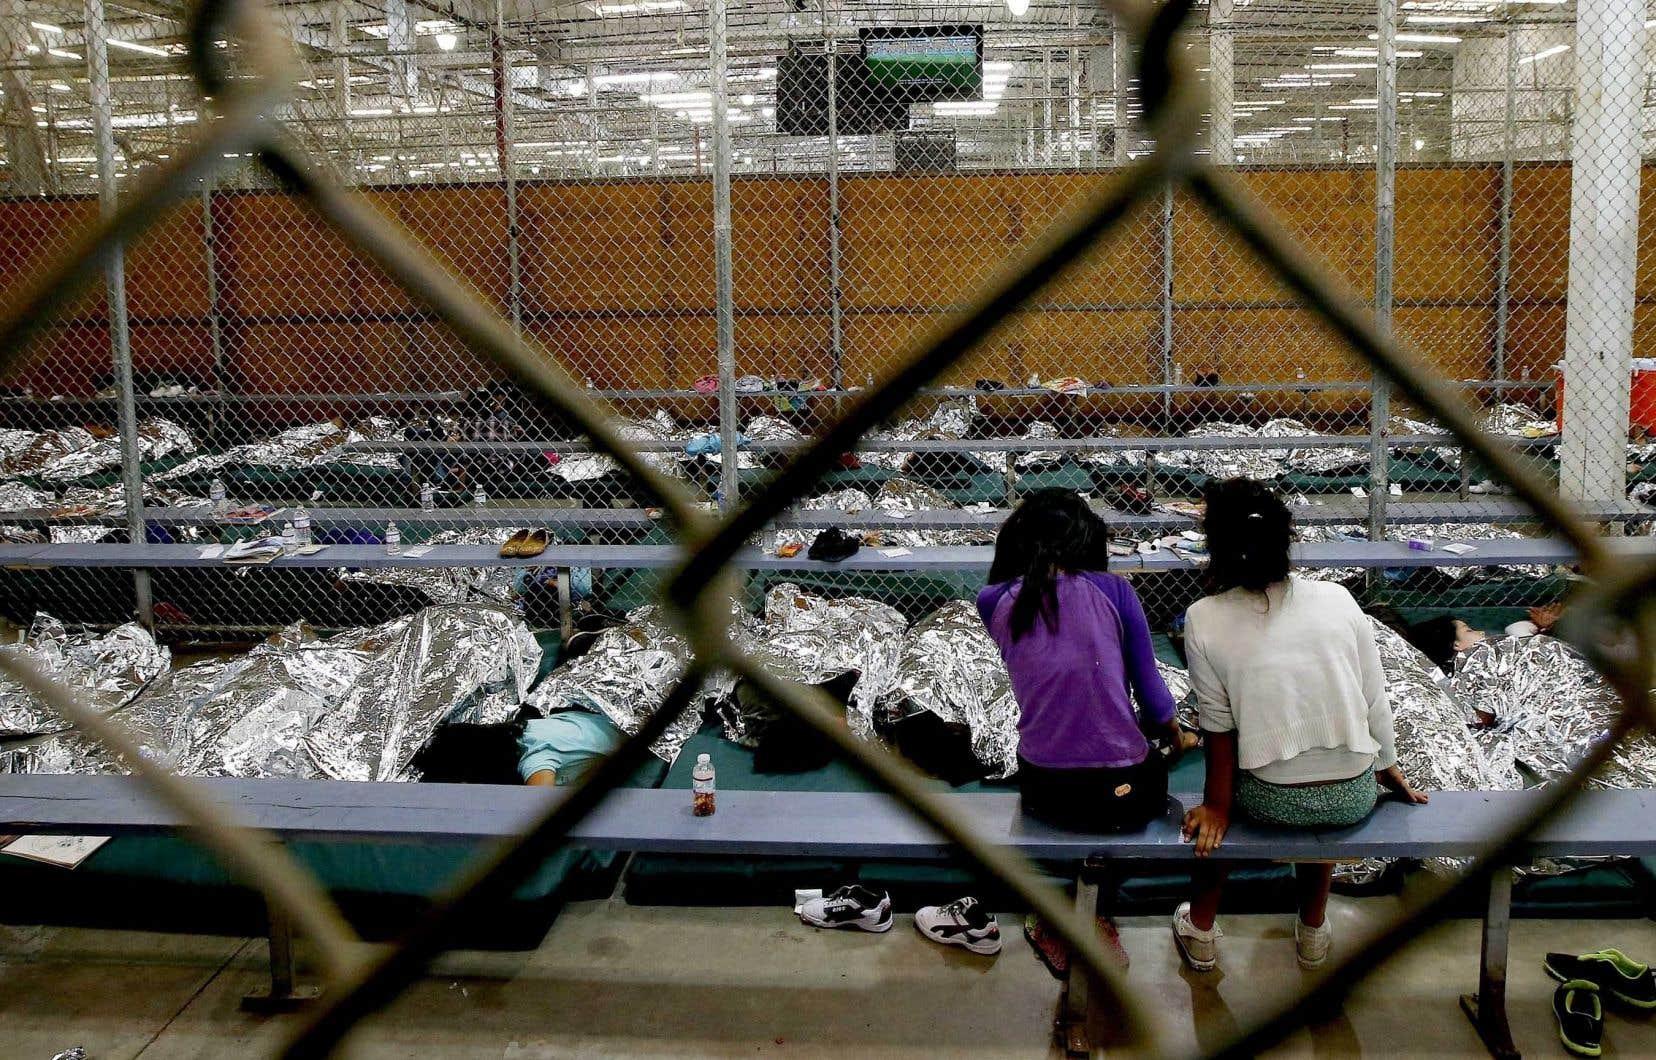 «Pour saisir la situation, il faut voir les photos d'enfants enfermés dans des cages, recouverts de couvertures de survie posées sur des matelas à même le sol.»